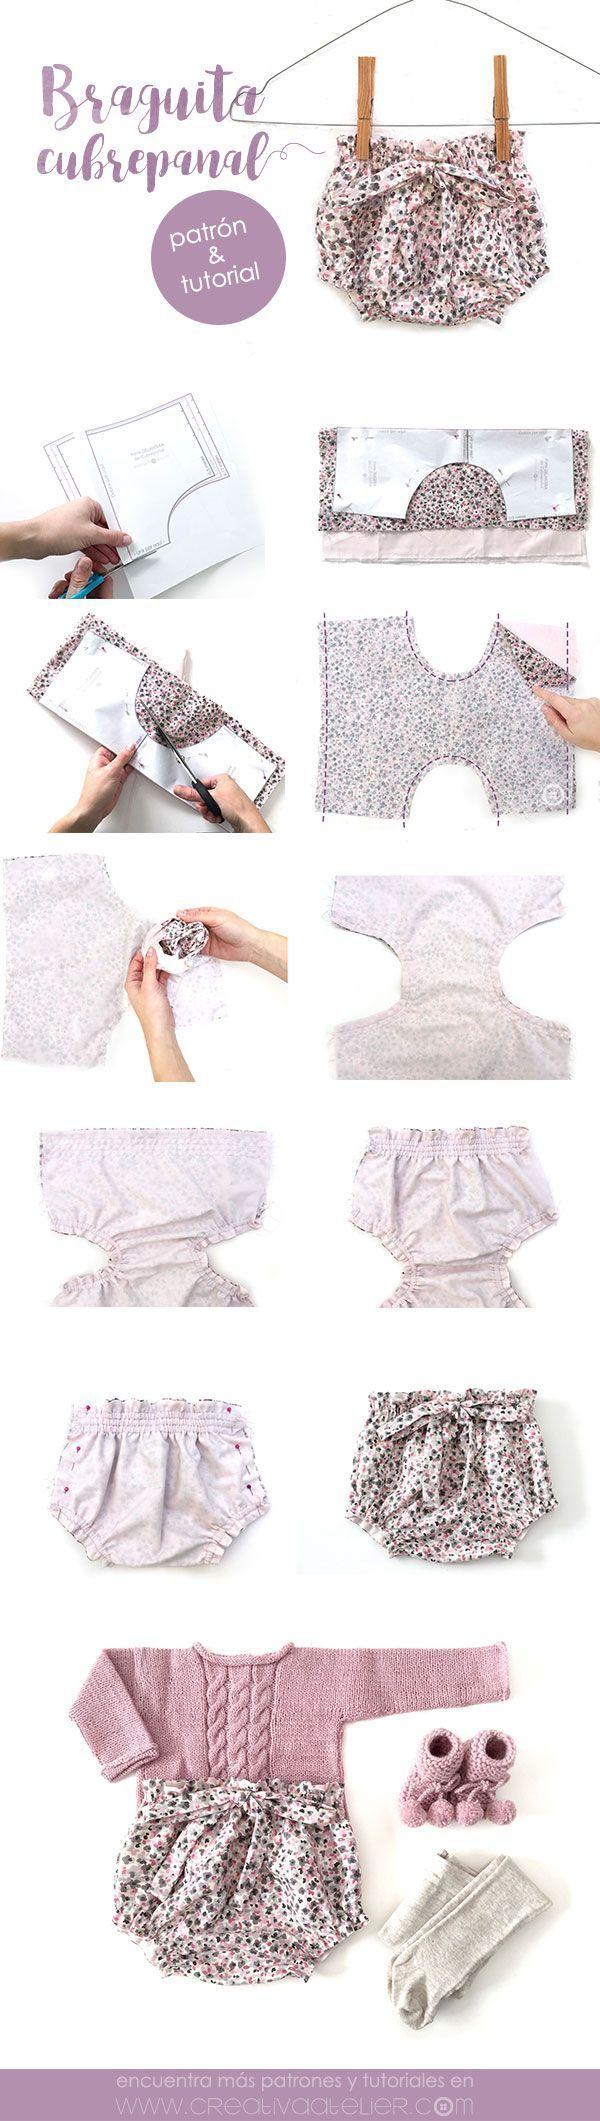 Erfahren Sie mehr über Babys auf somosmamas.com.ar. www.somosmam – Baby Kleidung